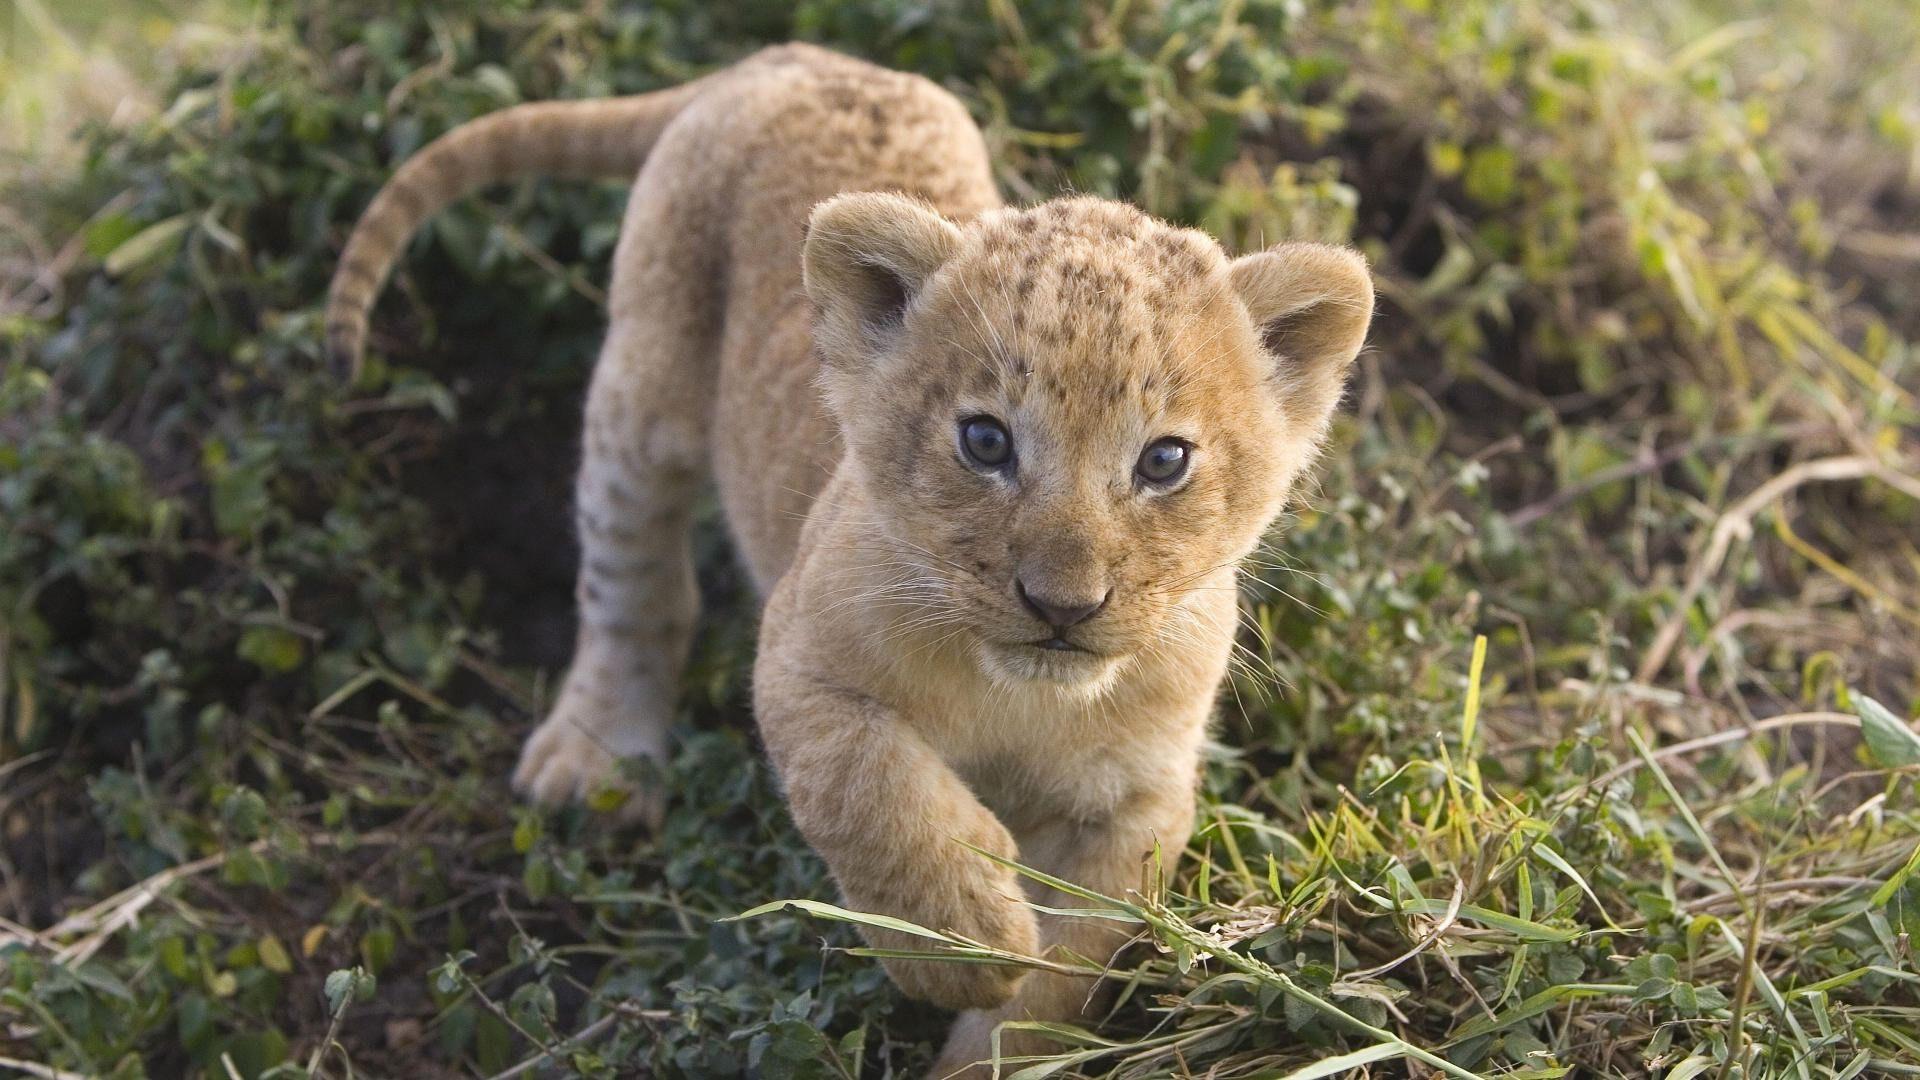 animali-leoni-leone-cucciolo-cuccioli-di-animali